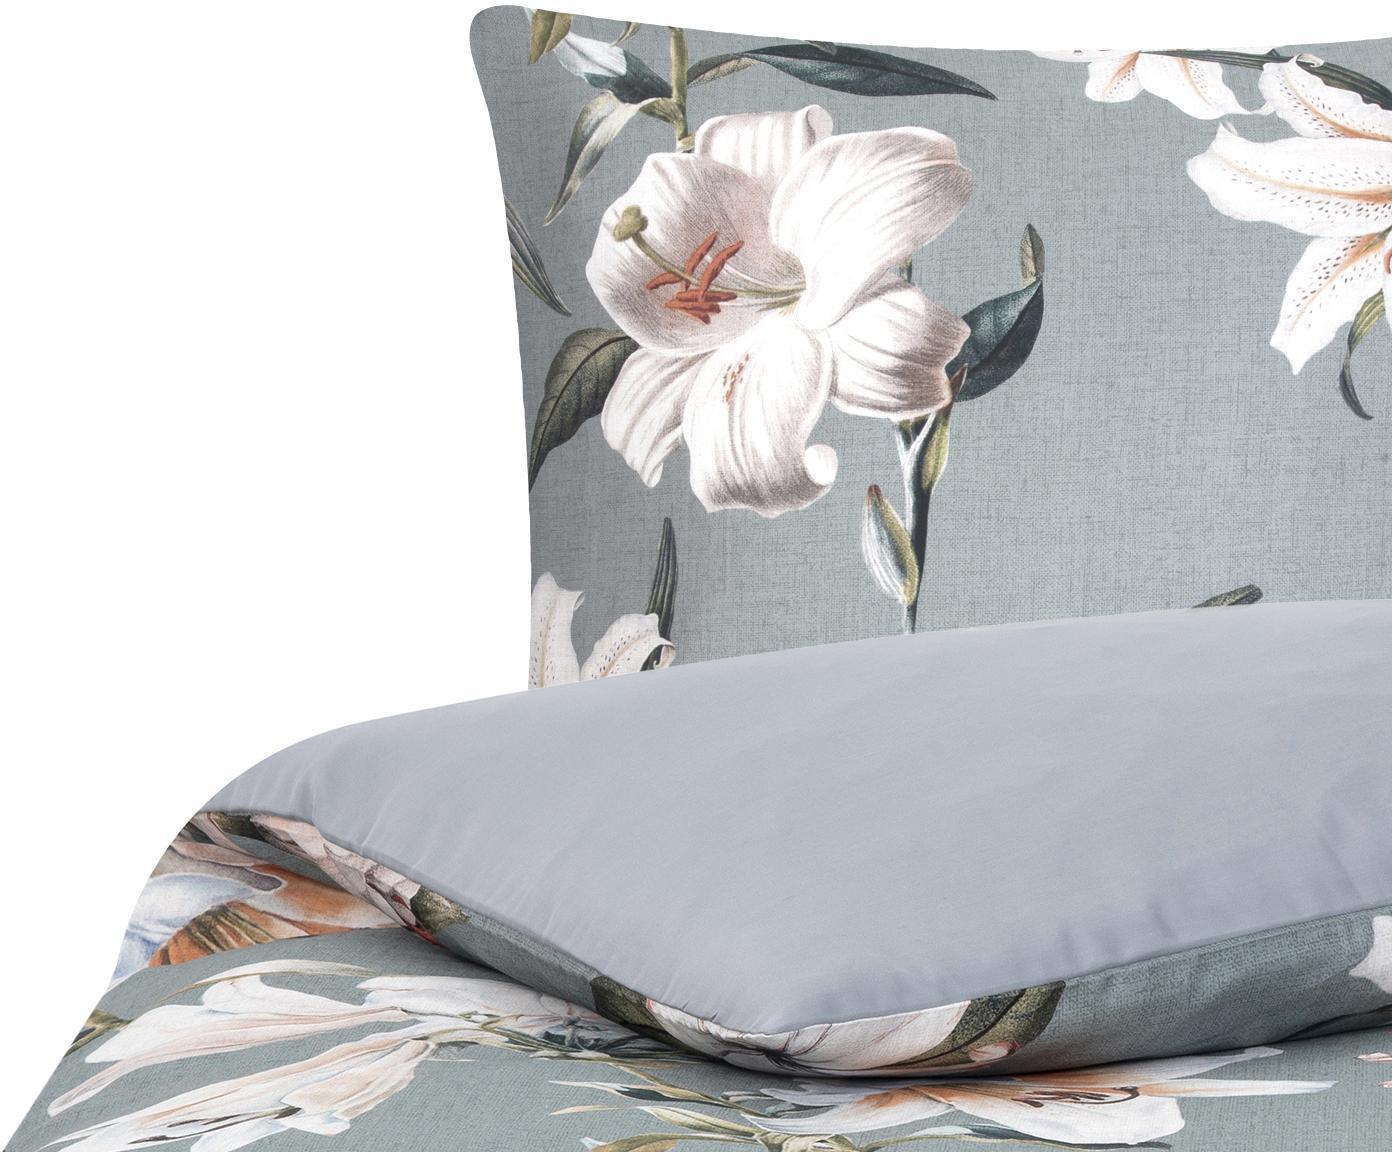 Baumwollsatin-Bettwäsche Flori mit Blumen-Print, Webart: Satin Fadendichte 210 TC,, Vorderseite: Blau, CremeweißRückseite: Blau, 135 x 200 cm + 1 Kissen 80 x 80 cm